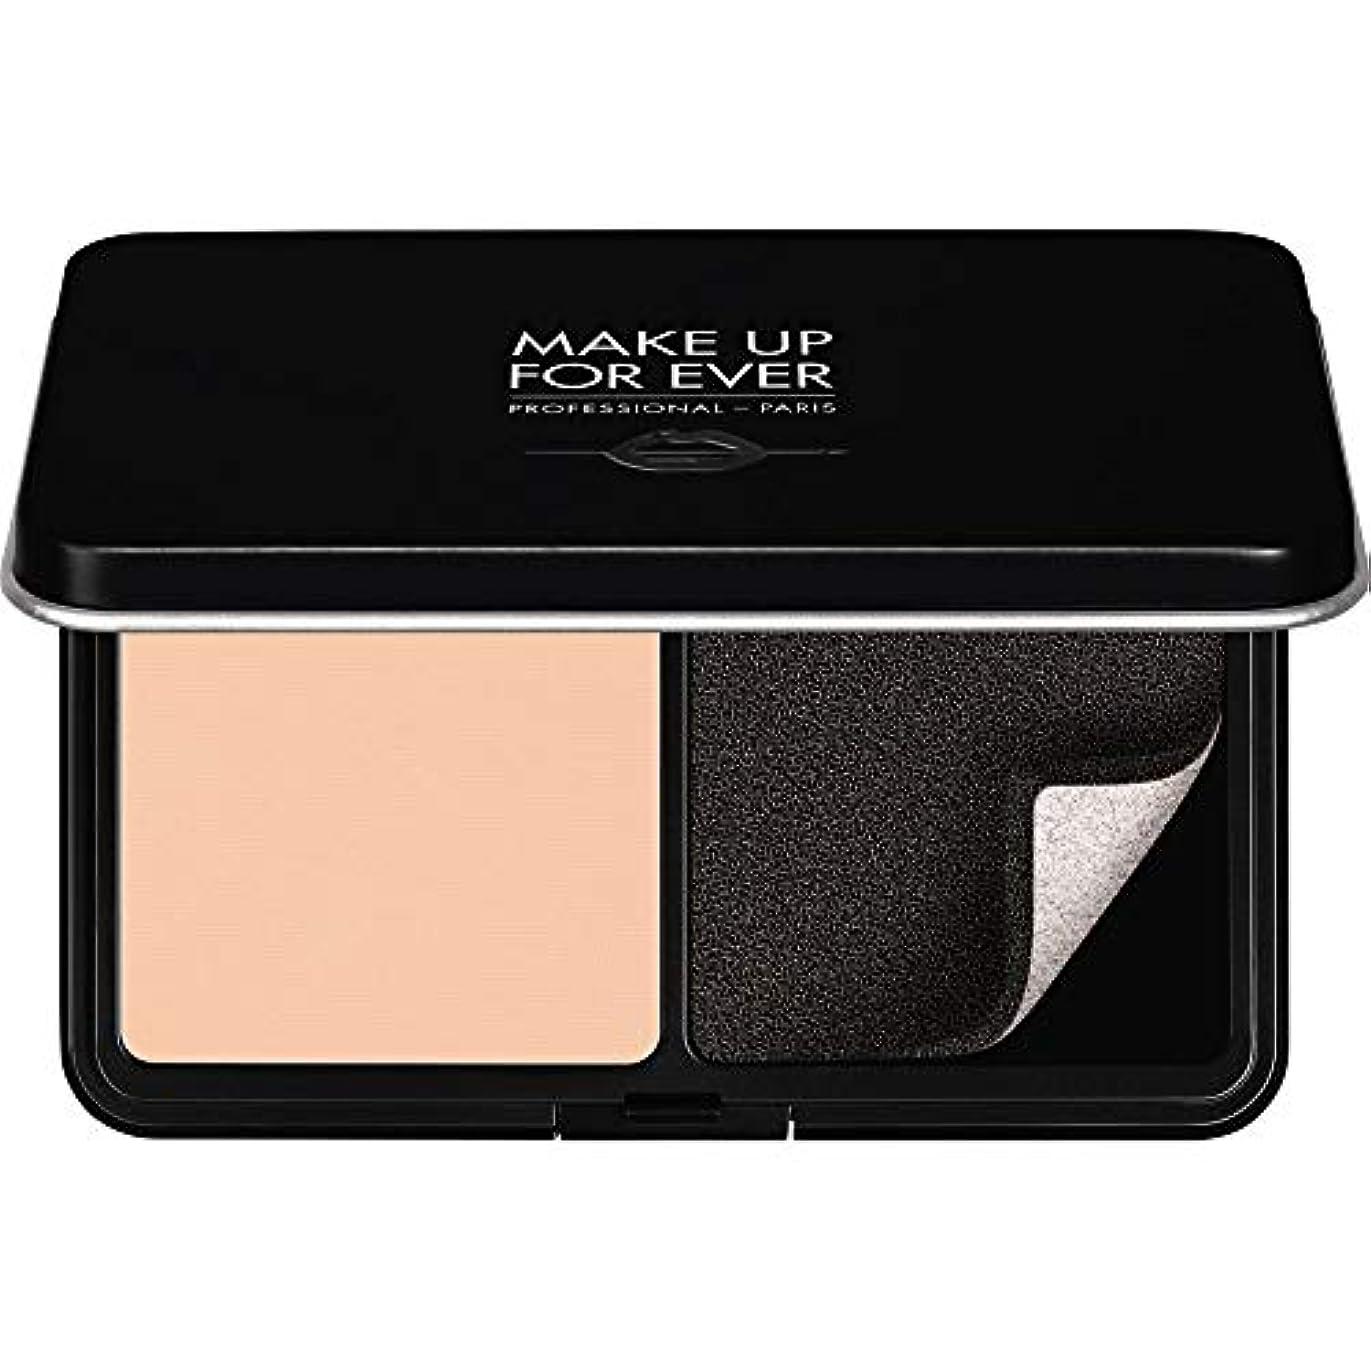 美徳のヒープ自由[MAKE UP FOR EVER ] パウダーファンデーション11GののR210をぼかし、これまでマットベルベットの肌を補う - ピンクアラバスター - MAKE UP FOR EVER Matte Velvet Skin Blurring Powder Foundation 11g R210 - Pink Alabaster [並行輸入品]